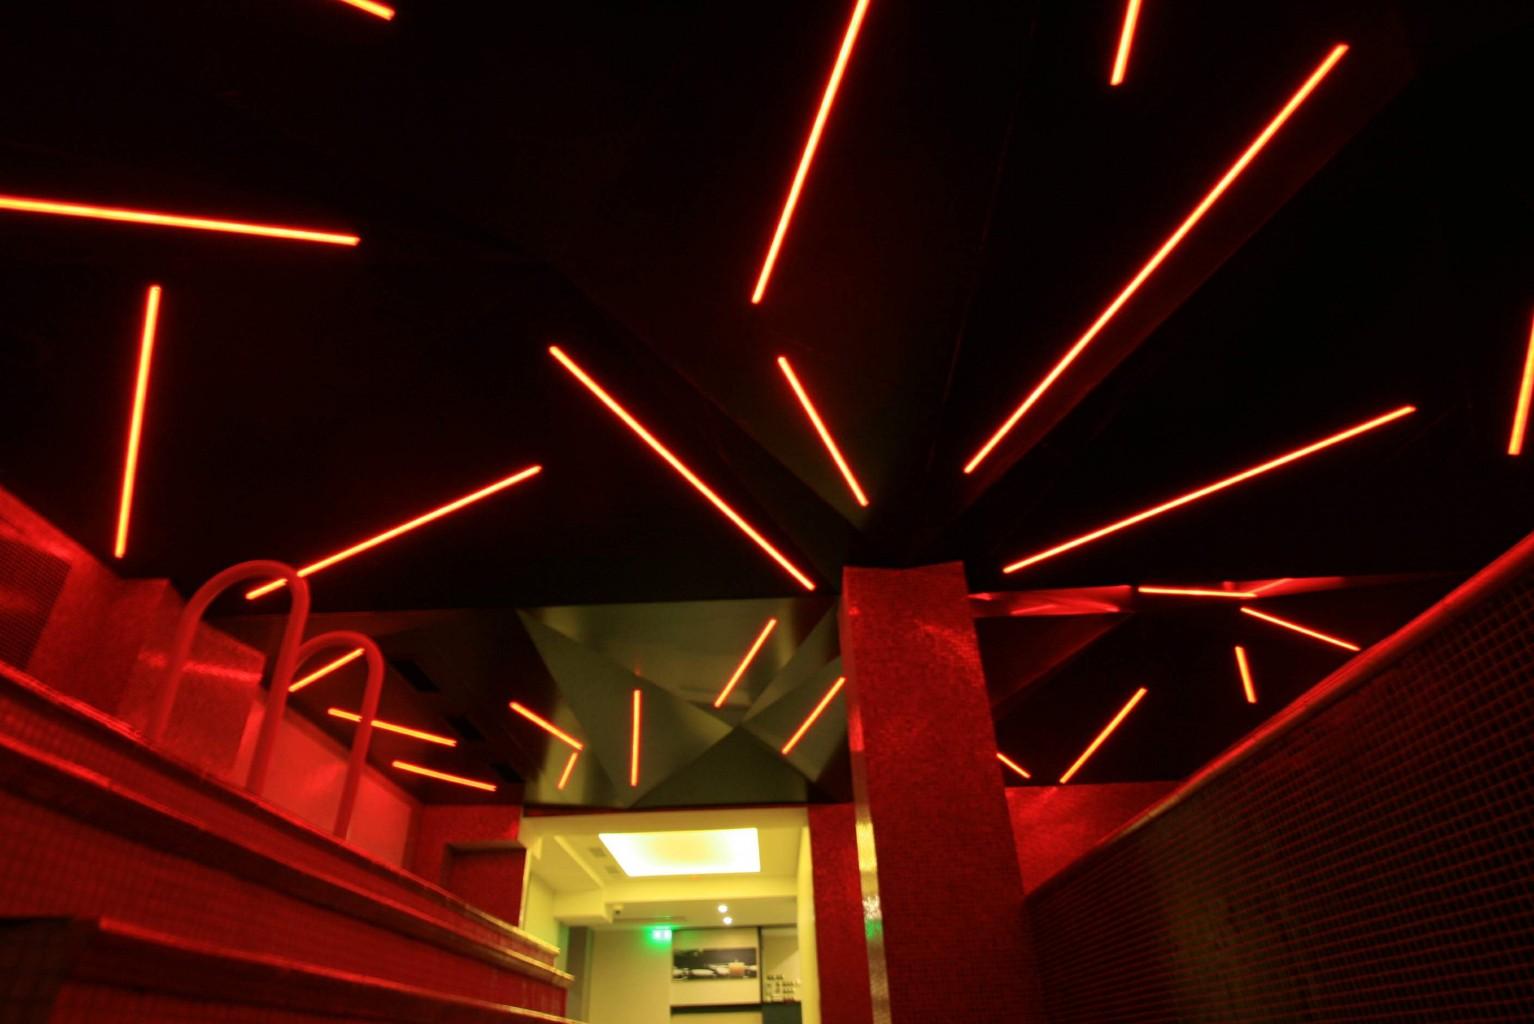 placare tavan spa cu dibond negru lucios model diamant cu iluminare led rosie